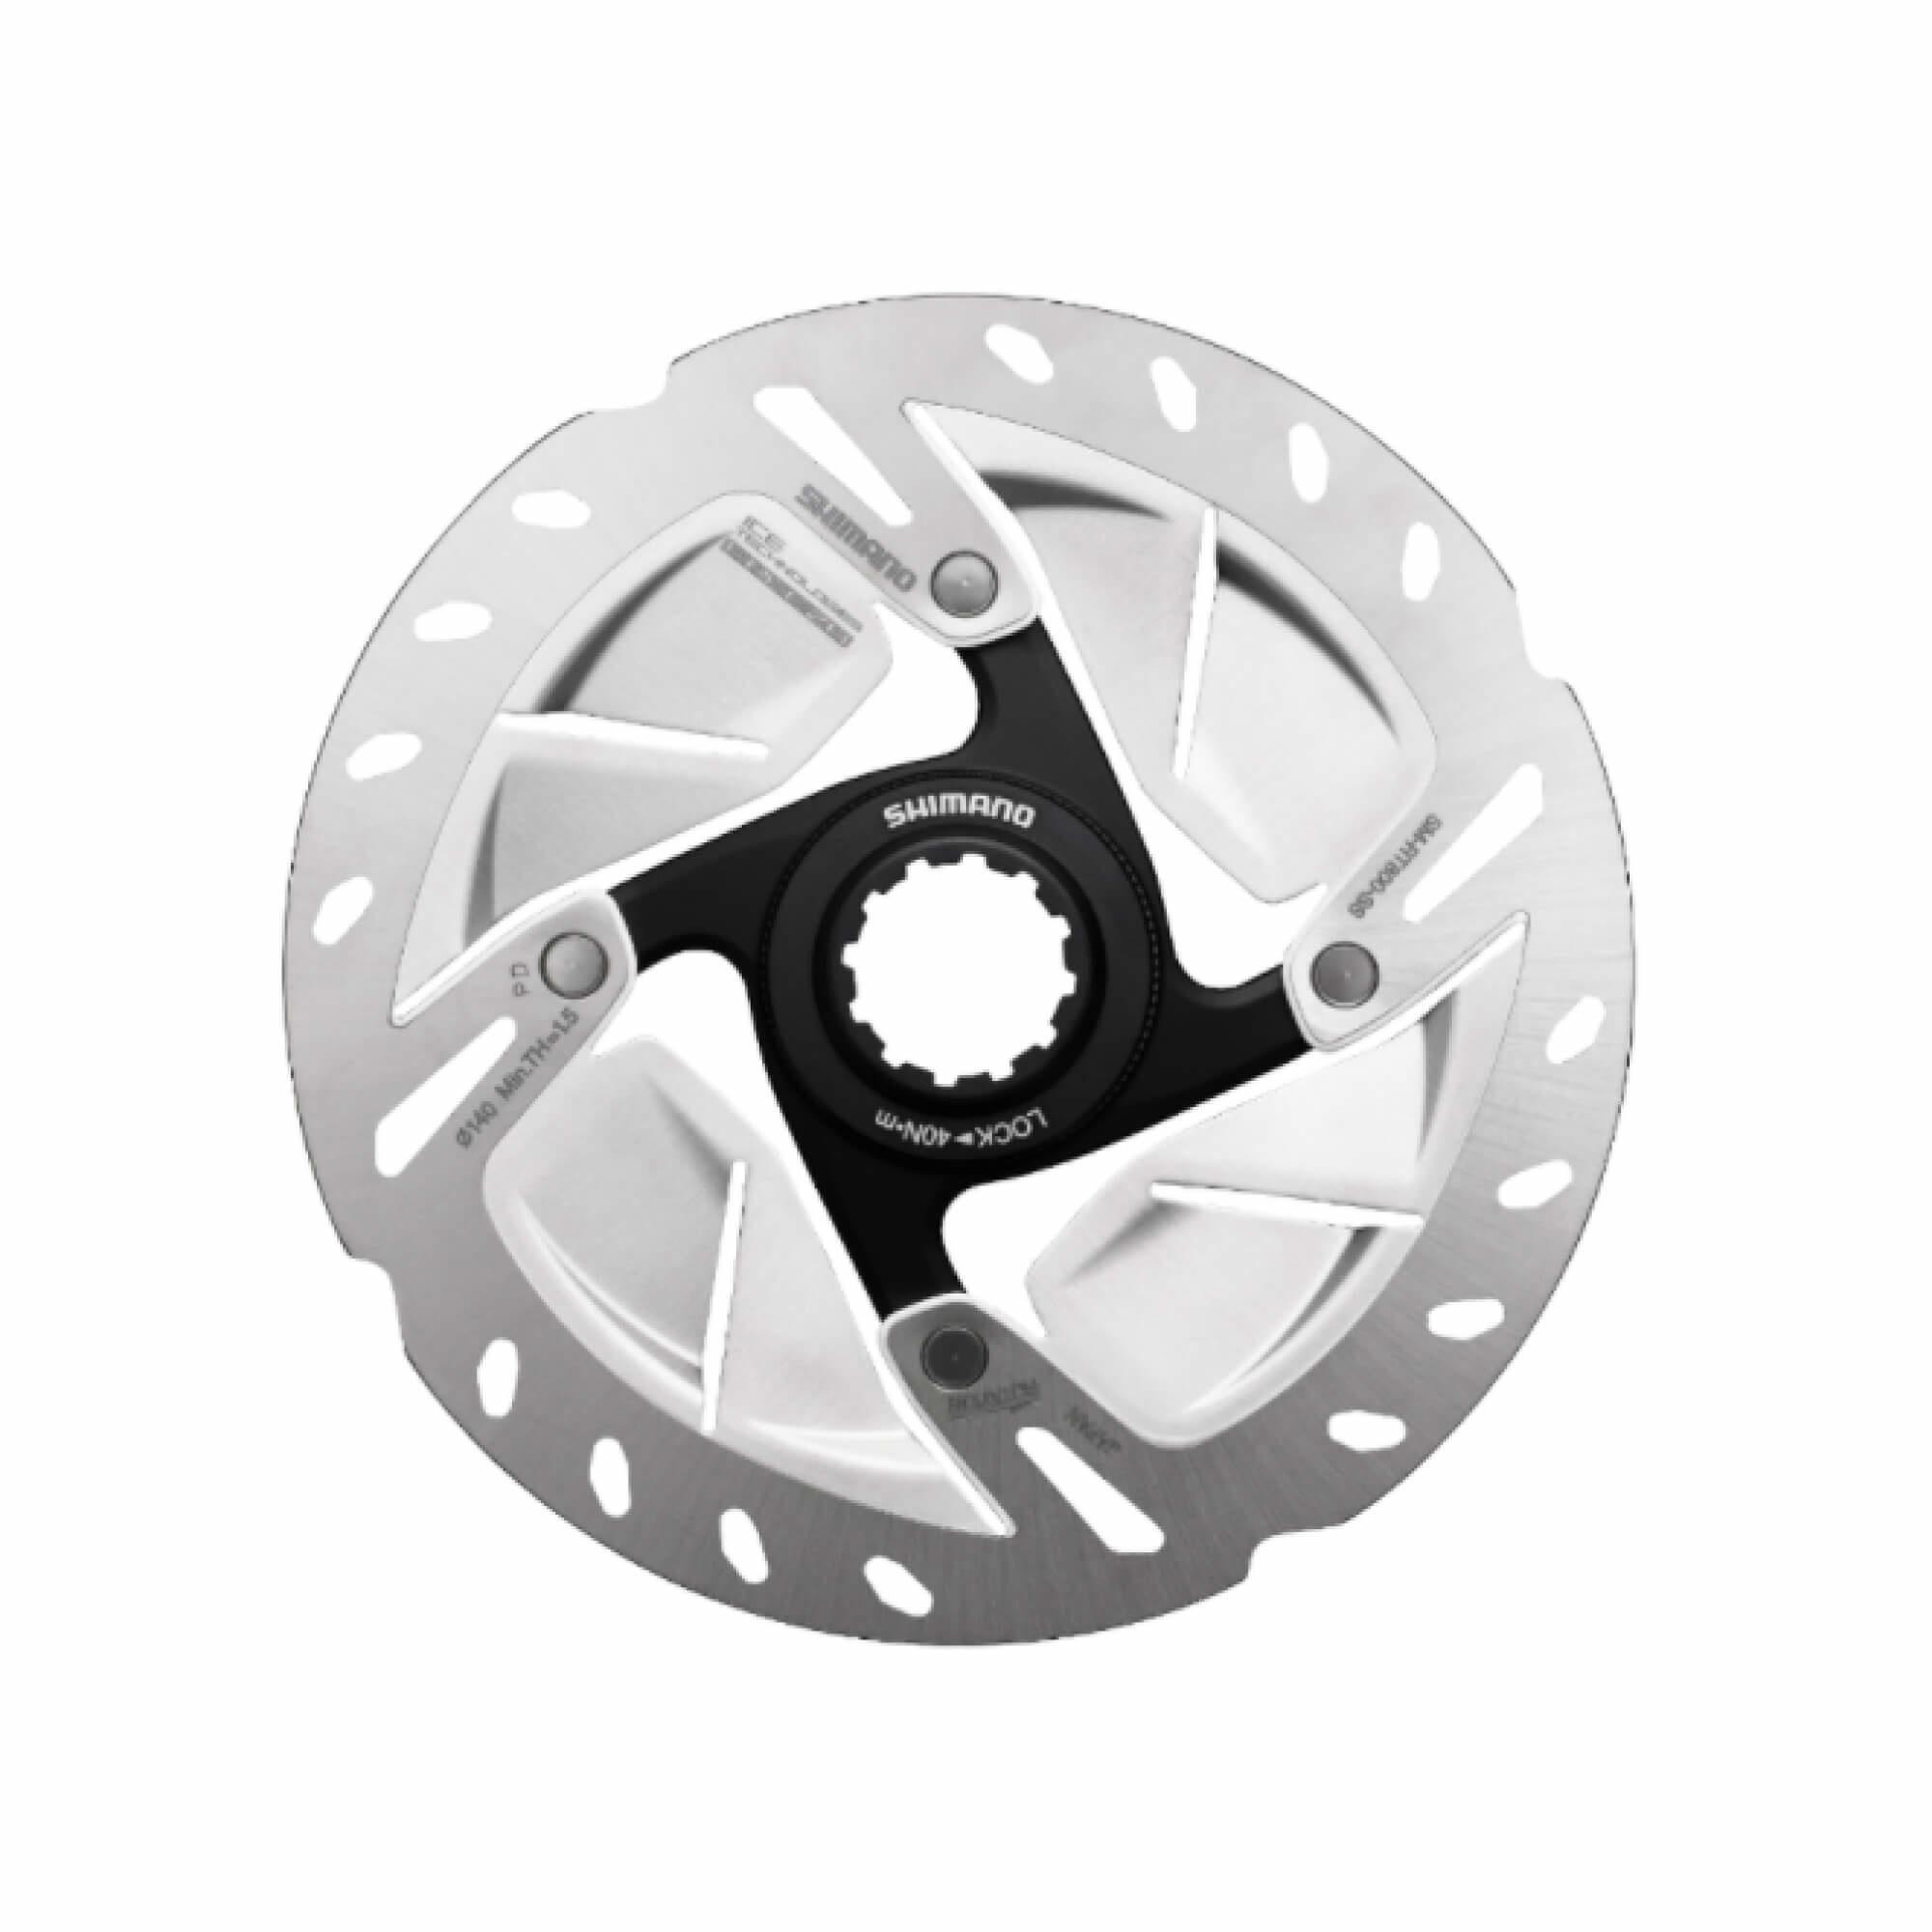 SM-RT800 Disc Brake Rotor Ultegra Centerlock-3